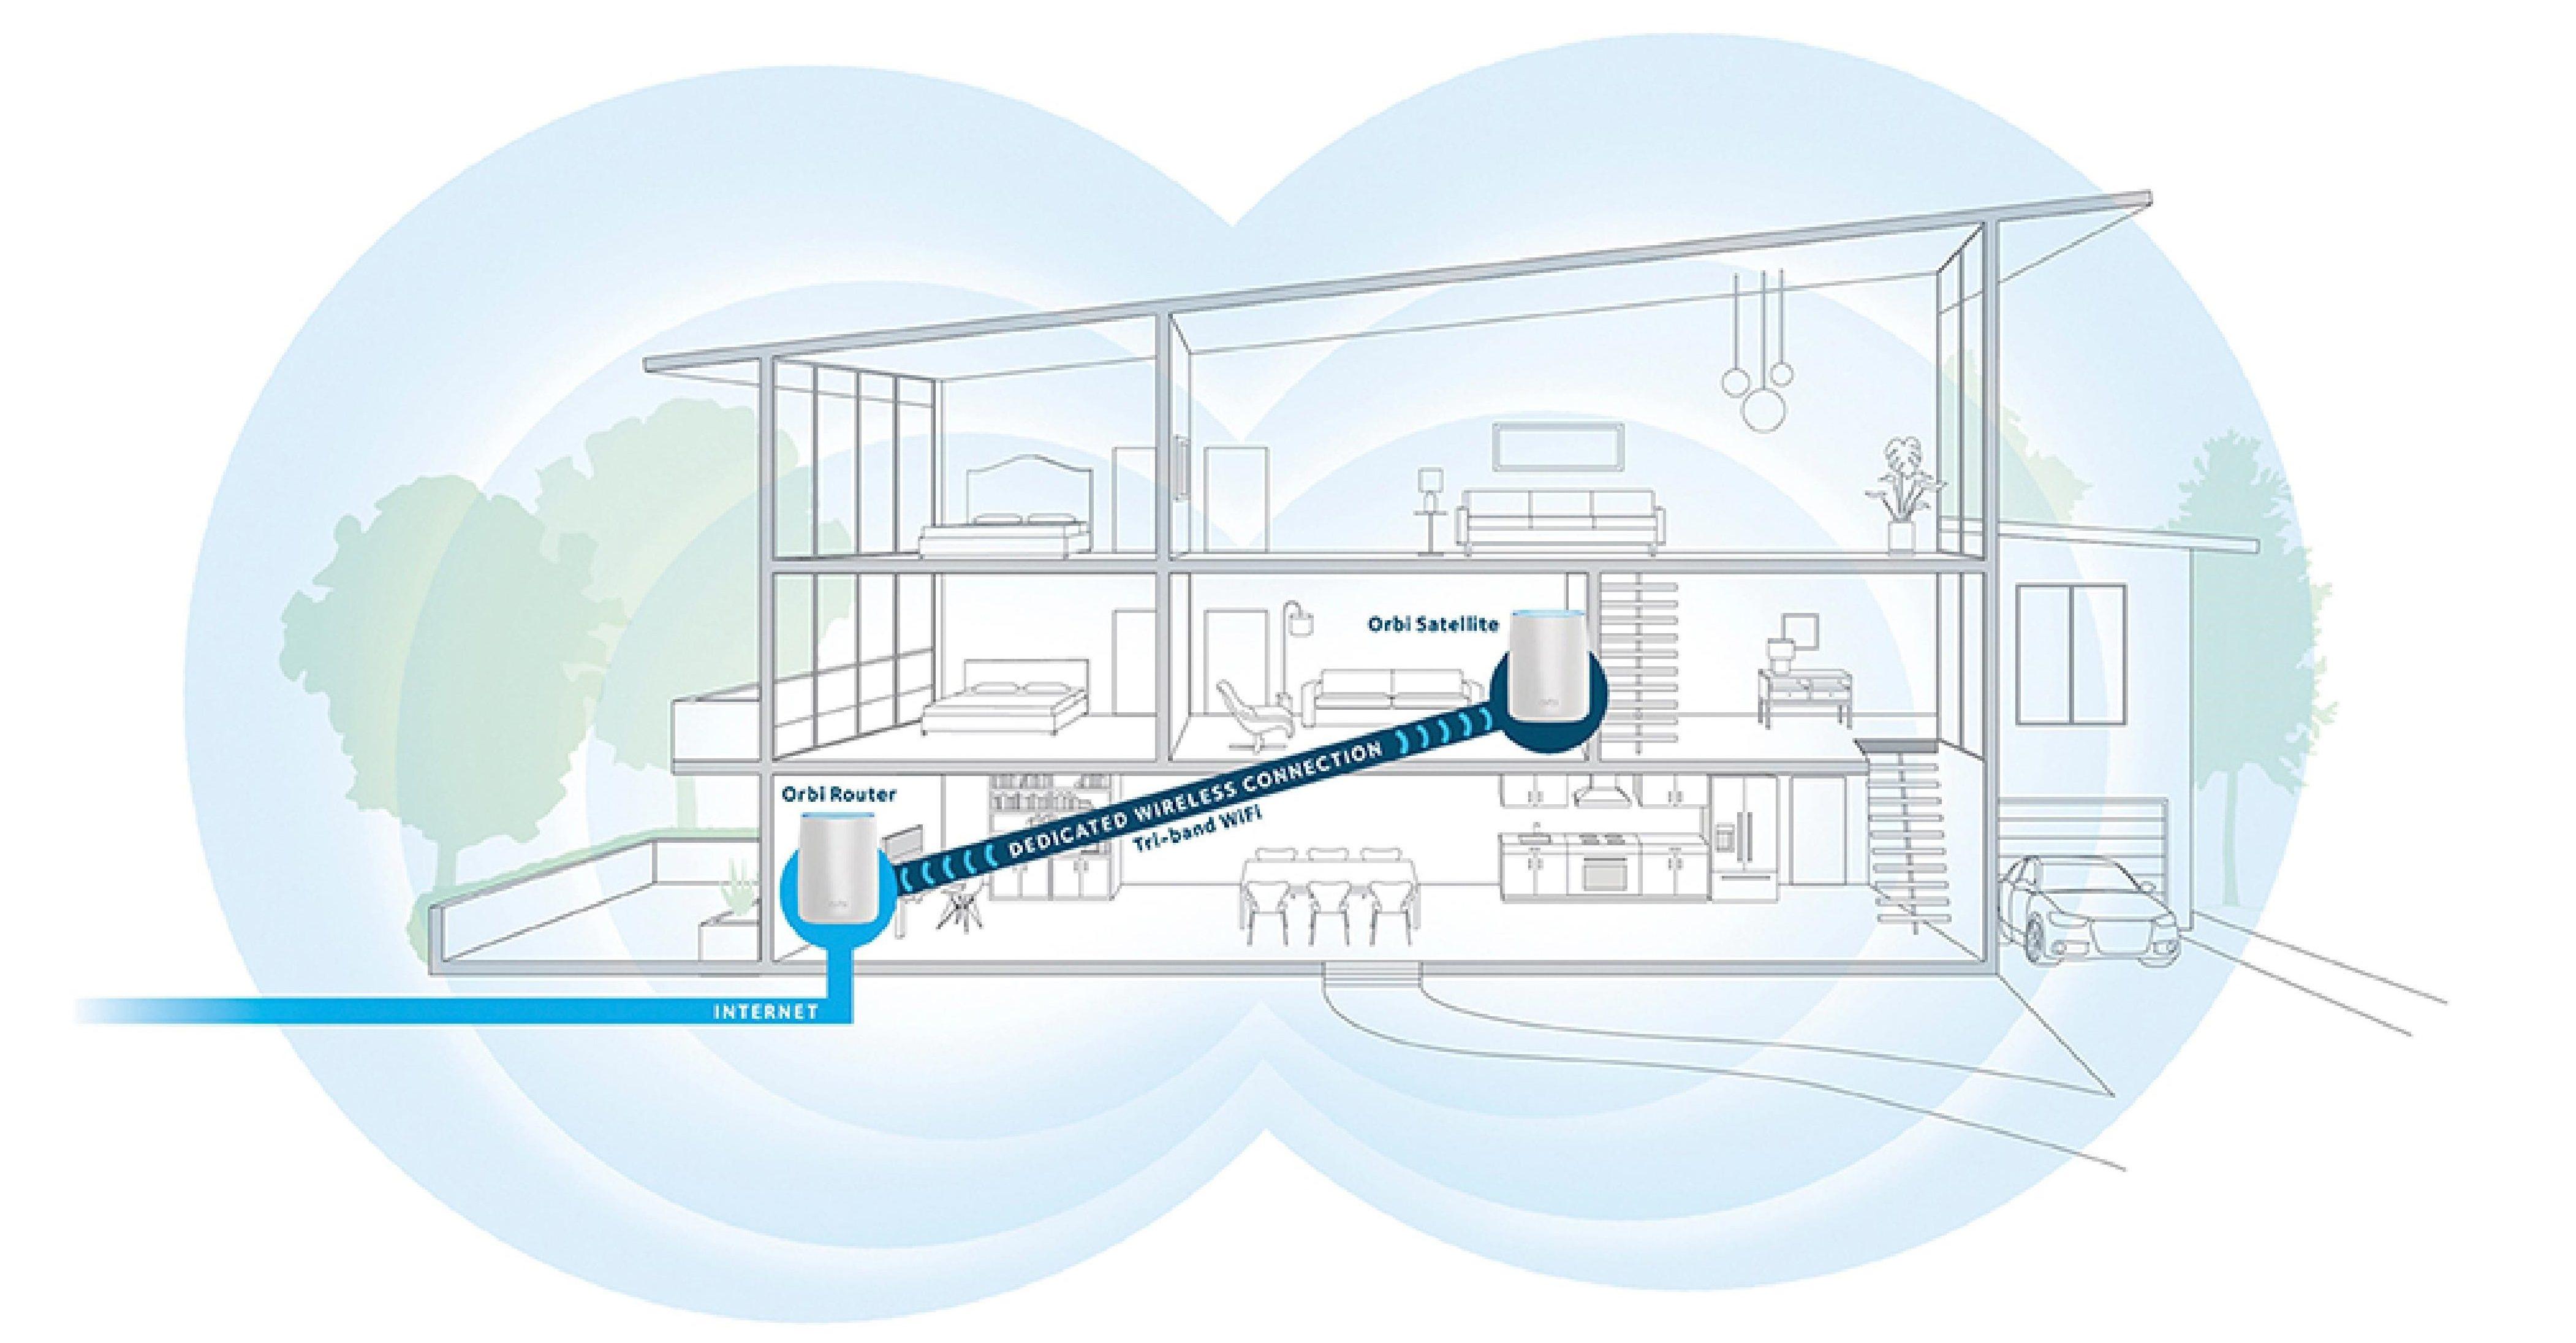 Usar un puente wifi para mejorar la cobertura en casa, comparativa Netgear Orbi y Devolo GigaGate, vs PLC Wifi